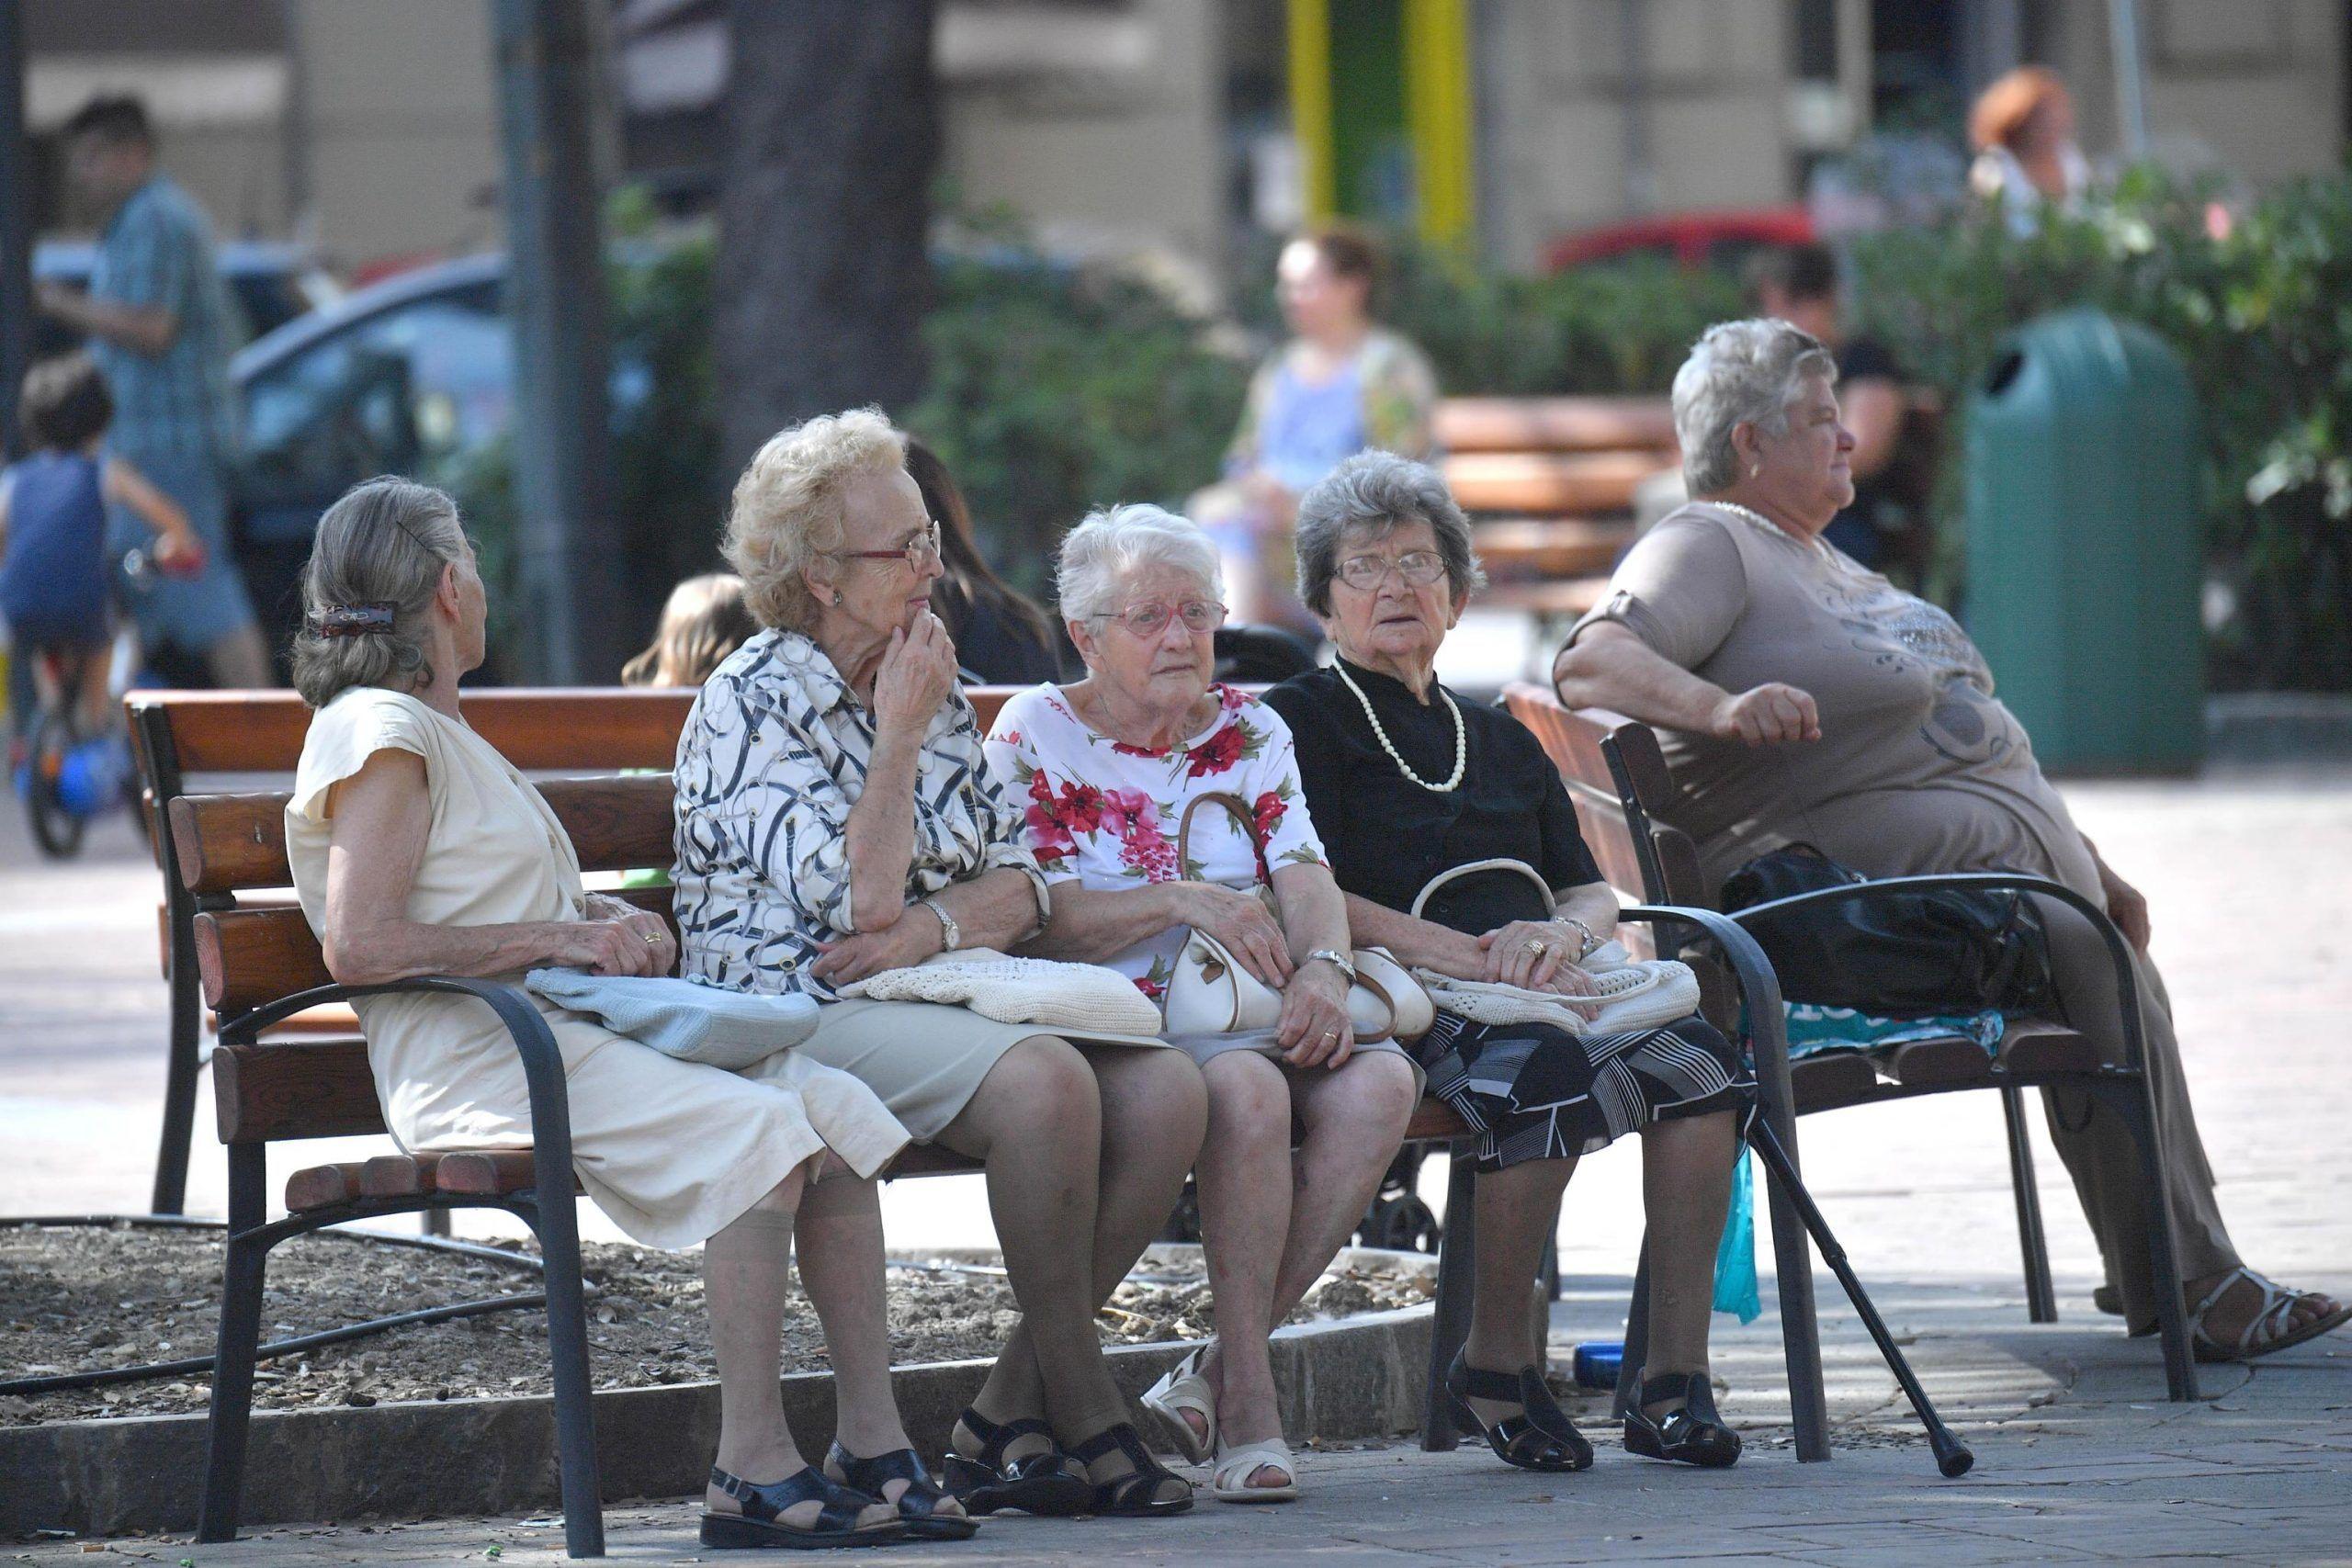 Anziani al parco in una foto d'archivio